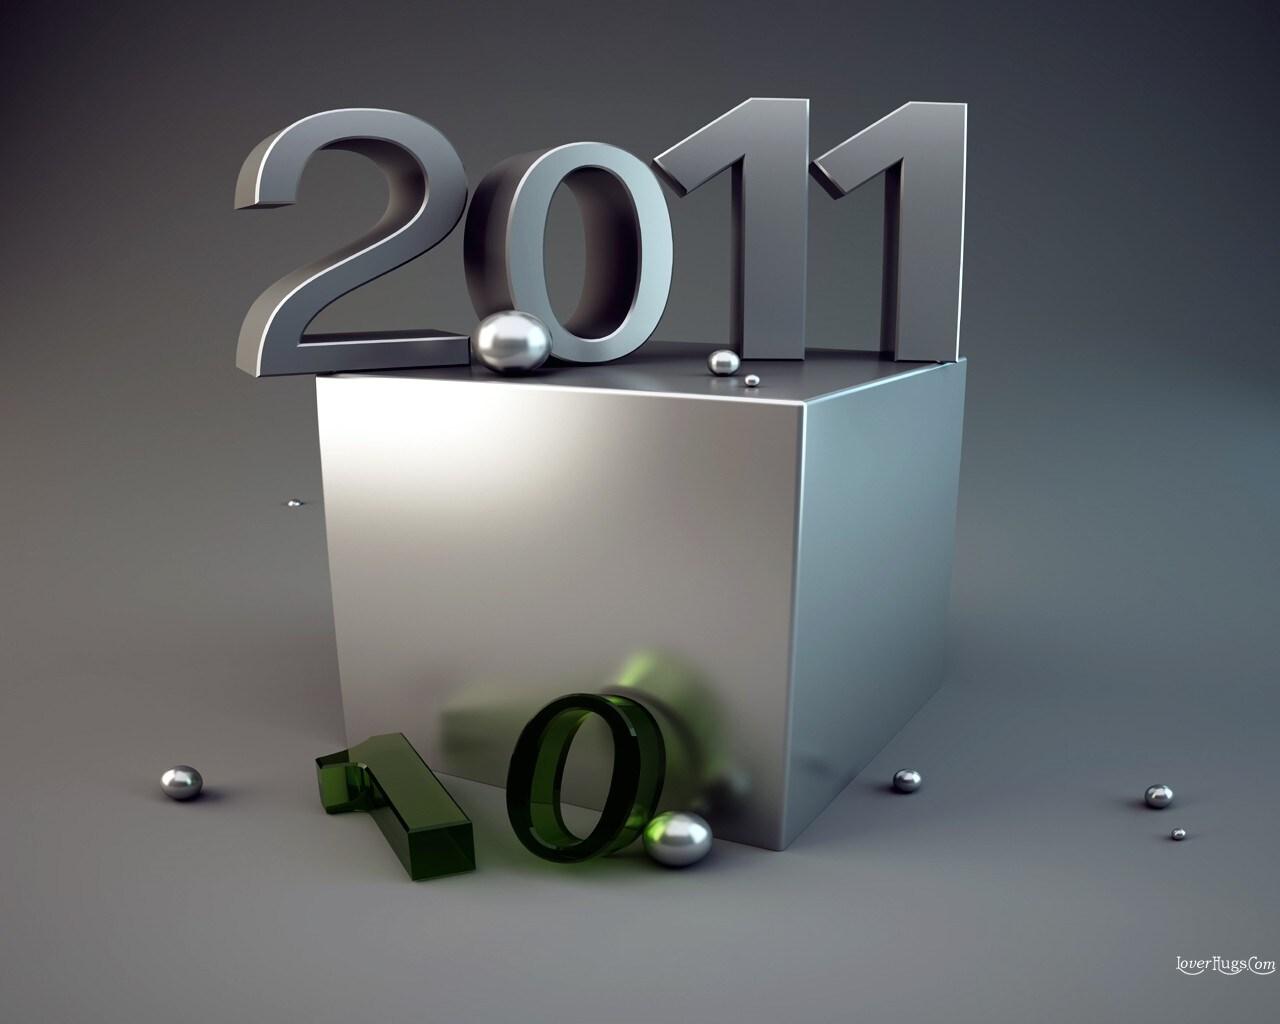 http://2.bp.blogspot.com/_l-o-Y5g4yyI/TR3XbjNbr5I/AAAAAAAAAVw/ICFiiydnscY/s1600/2011-happy-new-year-wallpaper-21.jpg